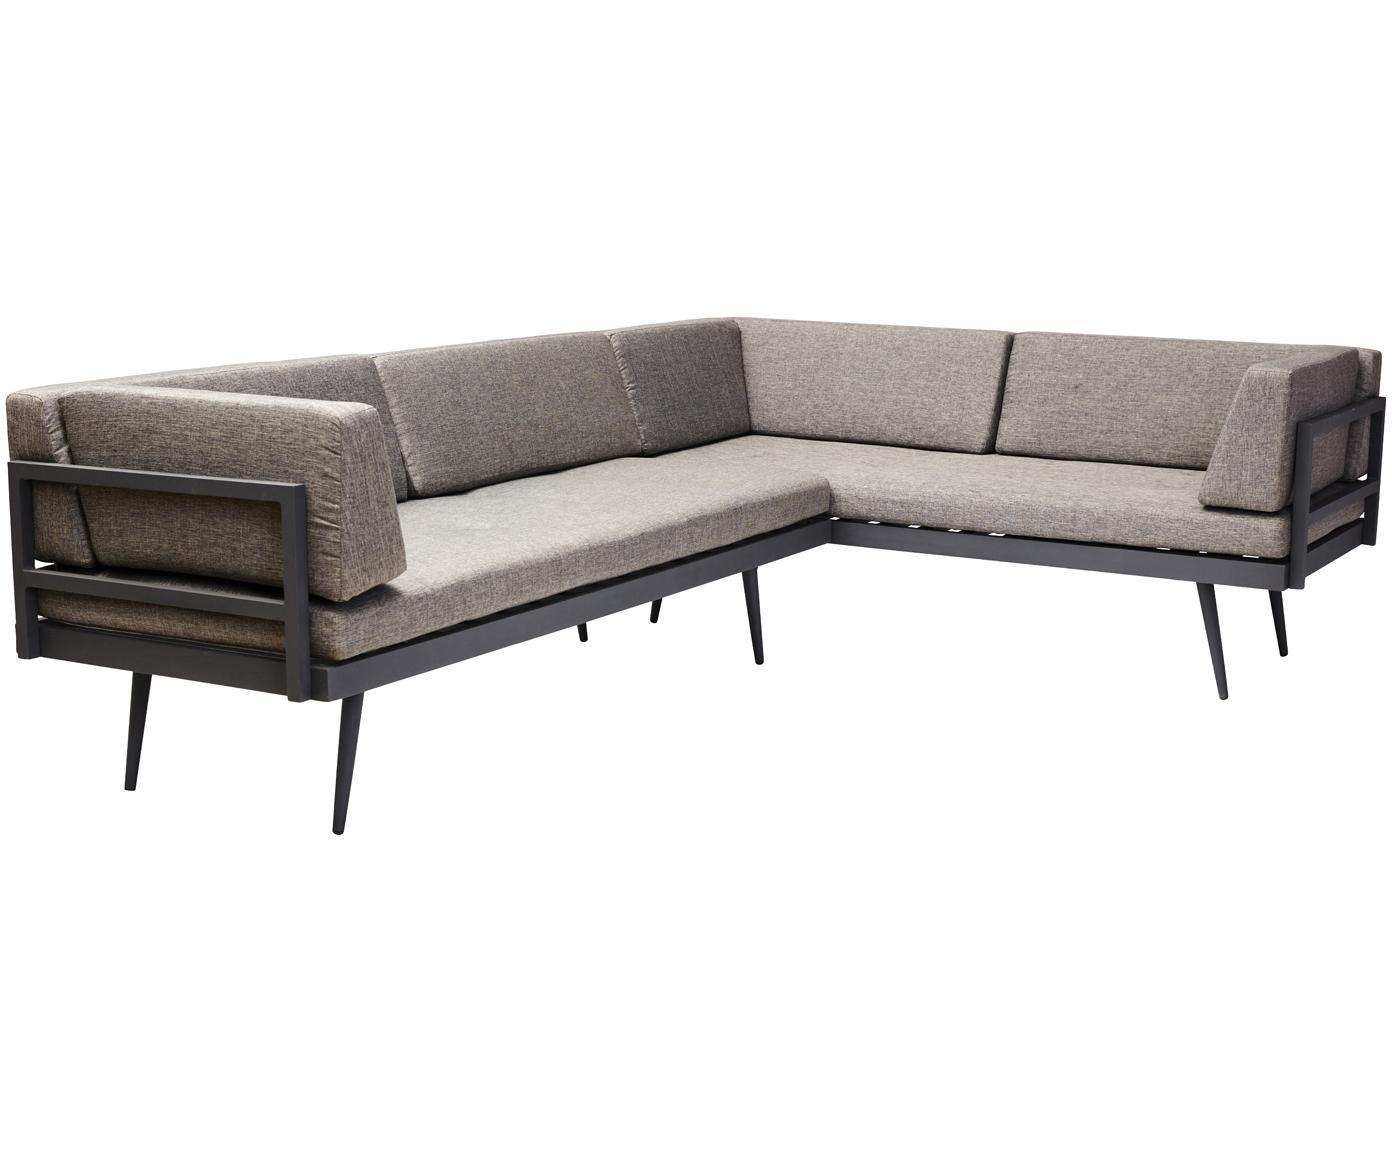 Sofá modular de jardín Rio, Estructura: aluminio, pintura en polv, Tapizado: poliéster con relleno de , Marrón, antracita, An 283 x Al 80 cm